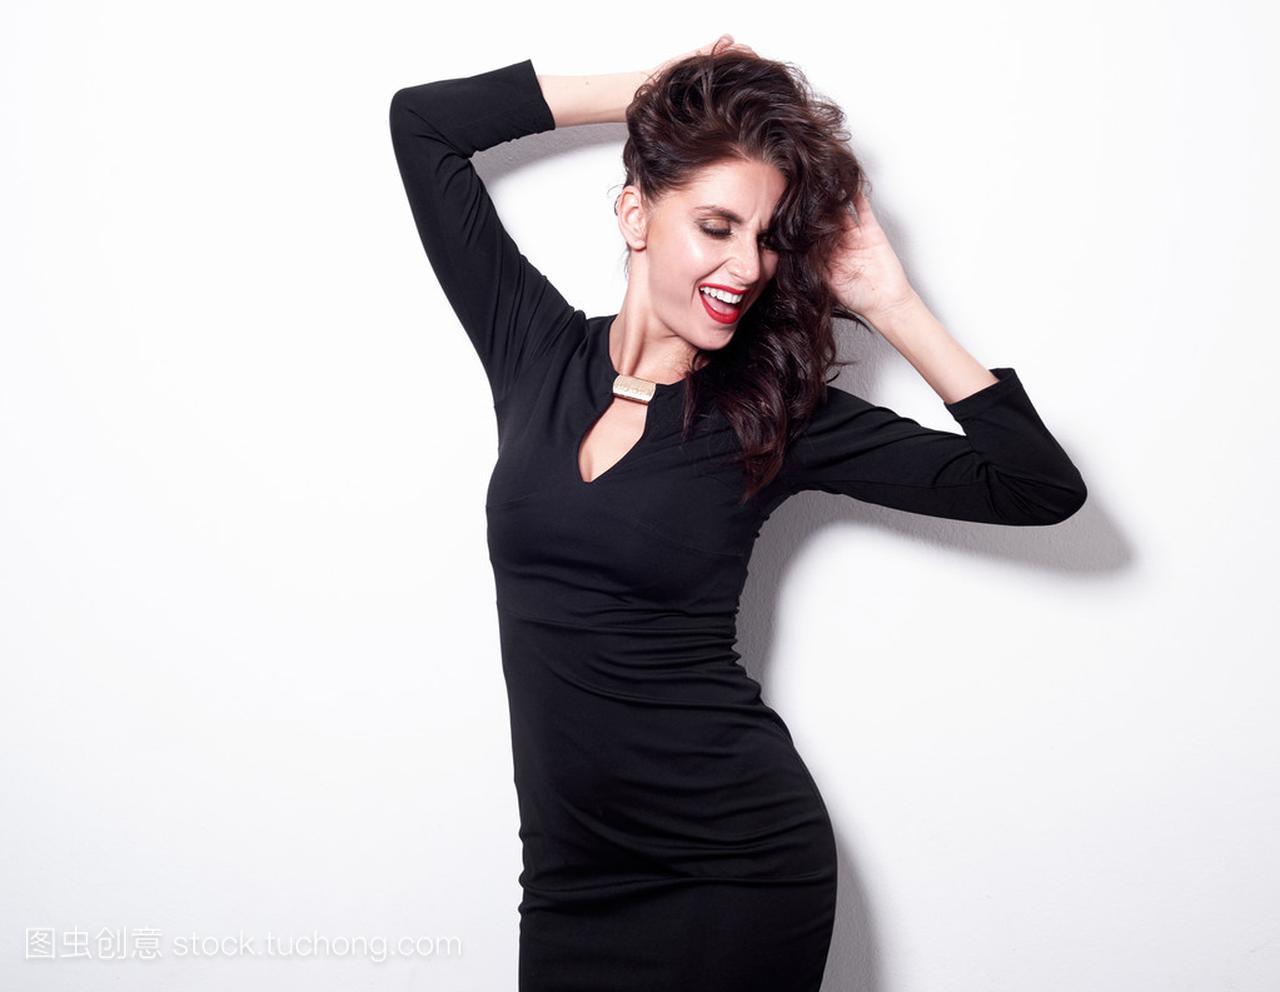 摆在性感白色的性感连衣裙的美丽开朗黑色图片韩国女人背景美女黑丝图片